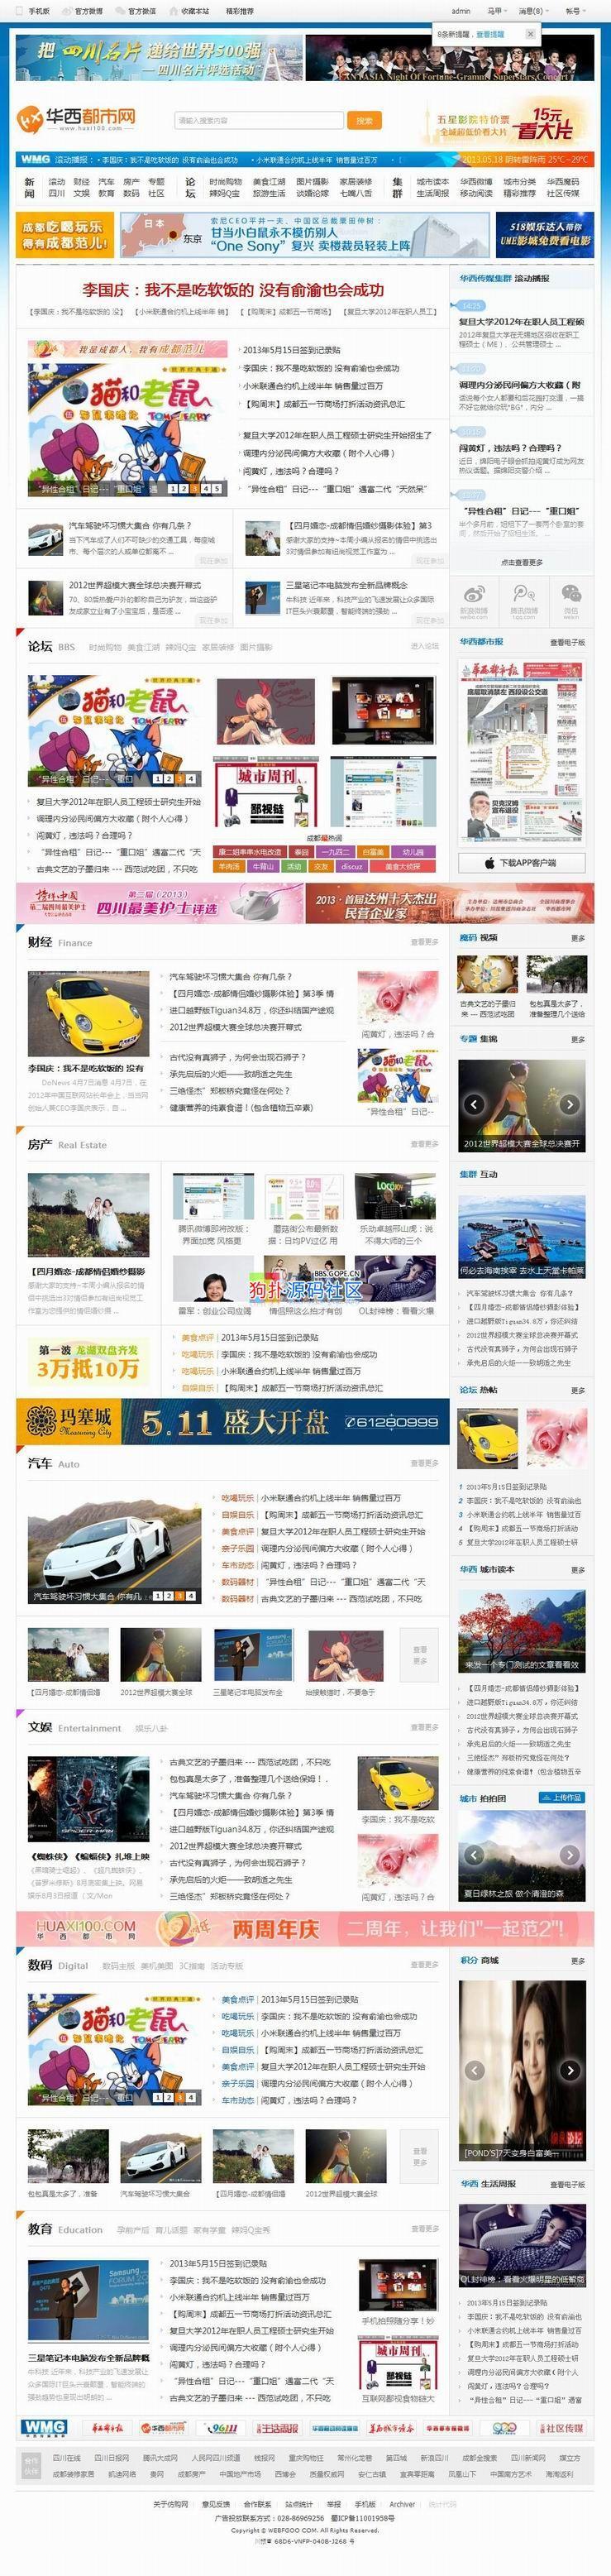 【php】2013最新仿华西都市网完整商业版,价值298元,某站VIP资源